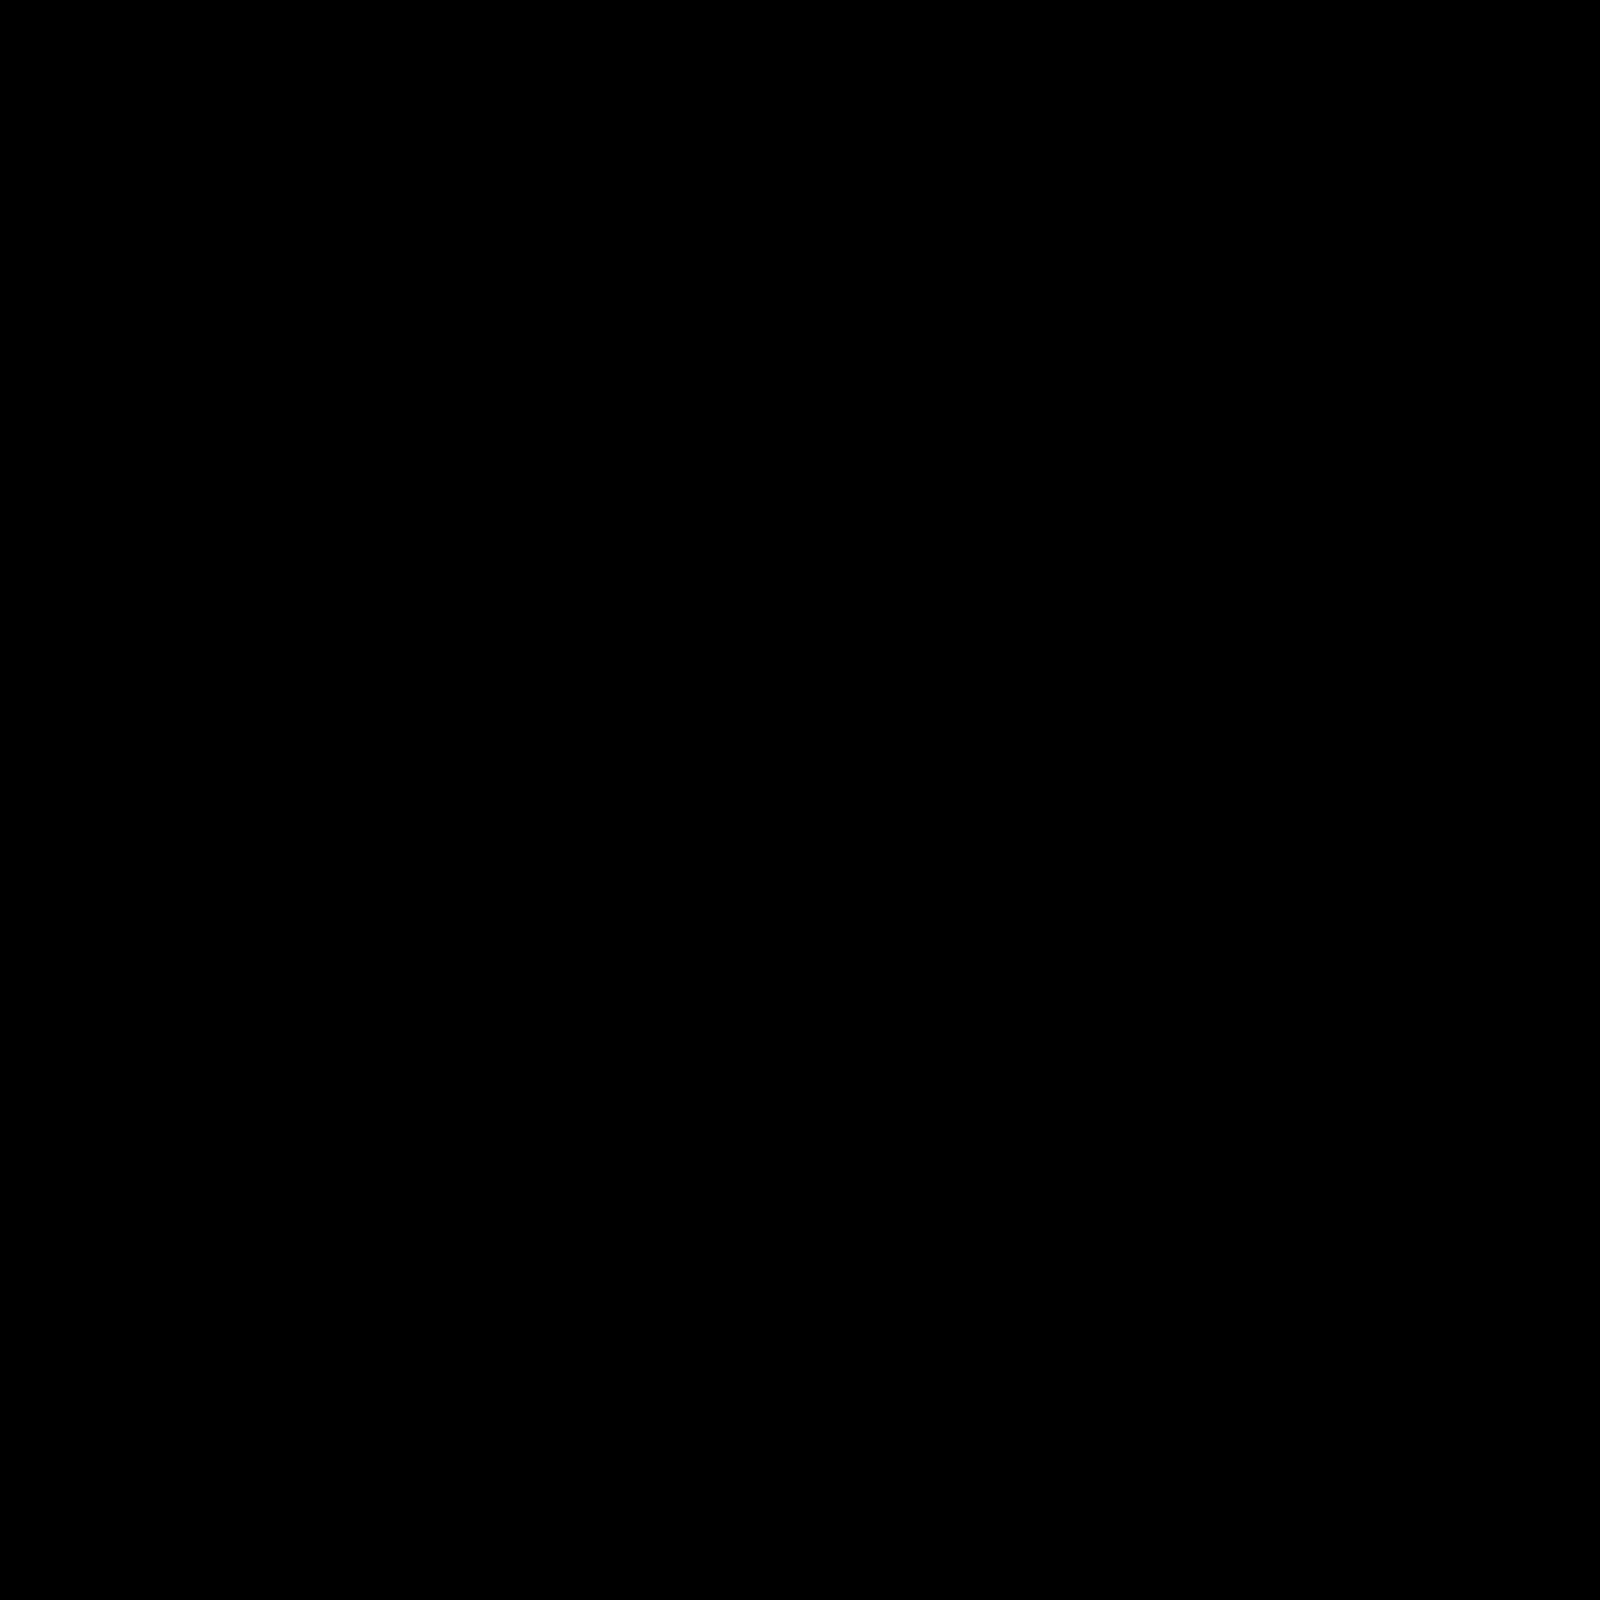 カラーモード icon